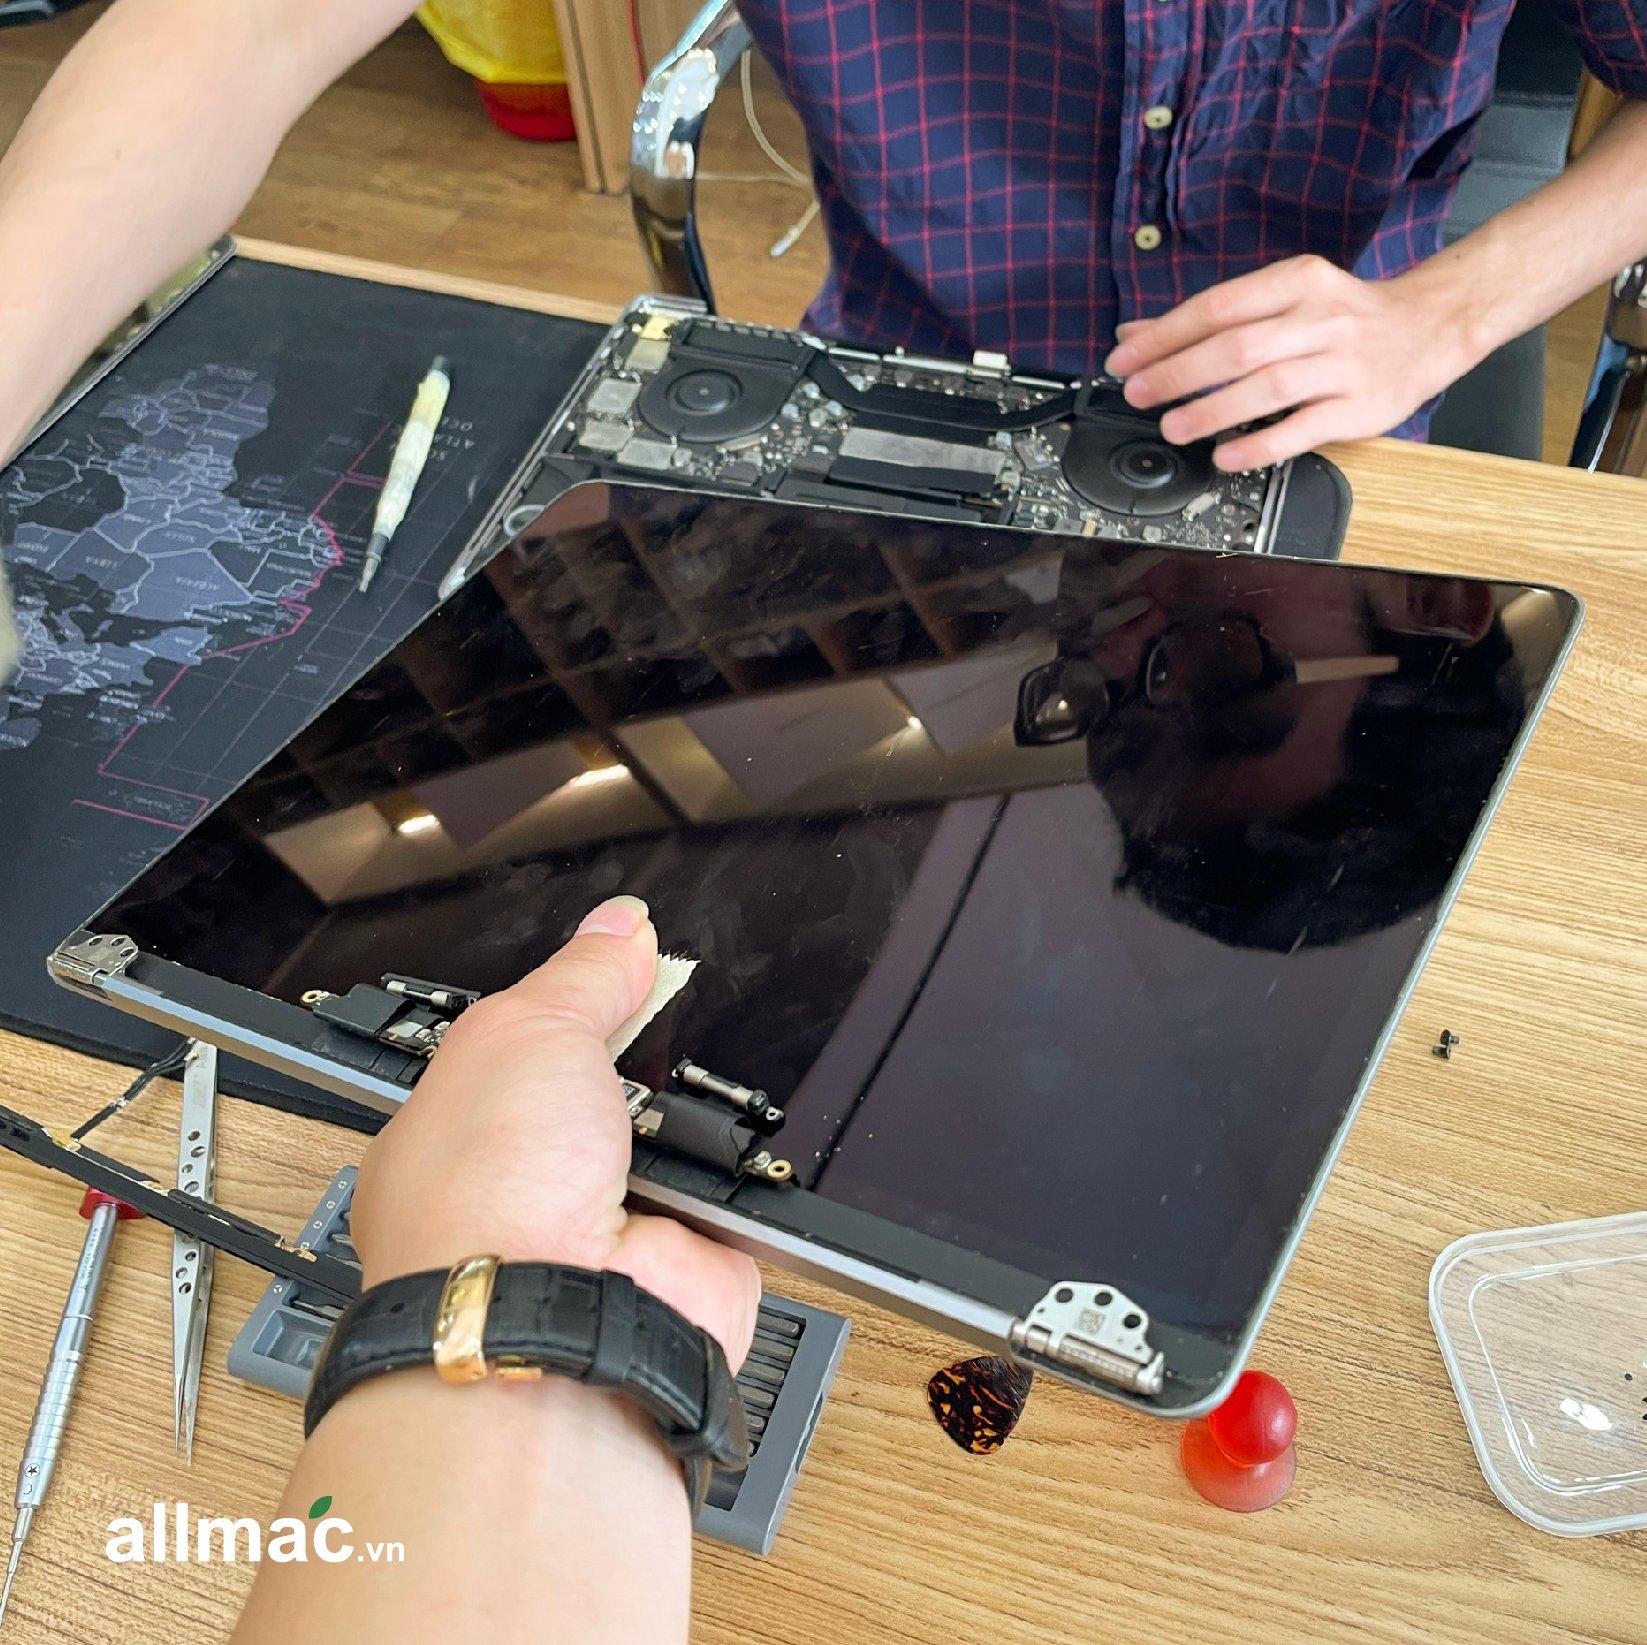 Thay màn hình MacBook Pro chính hãng